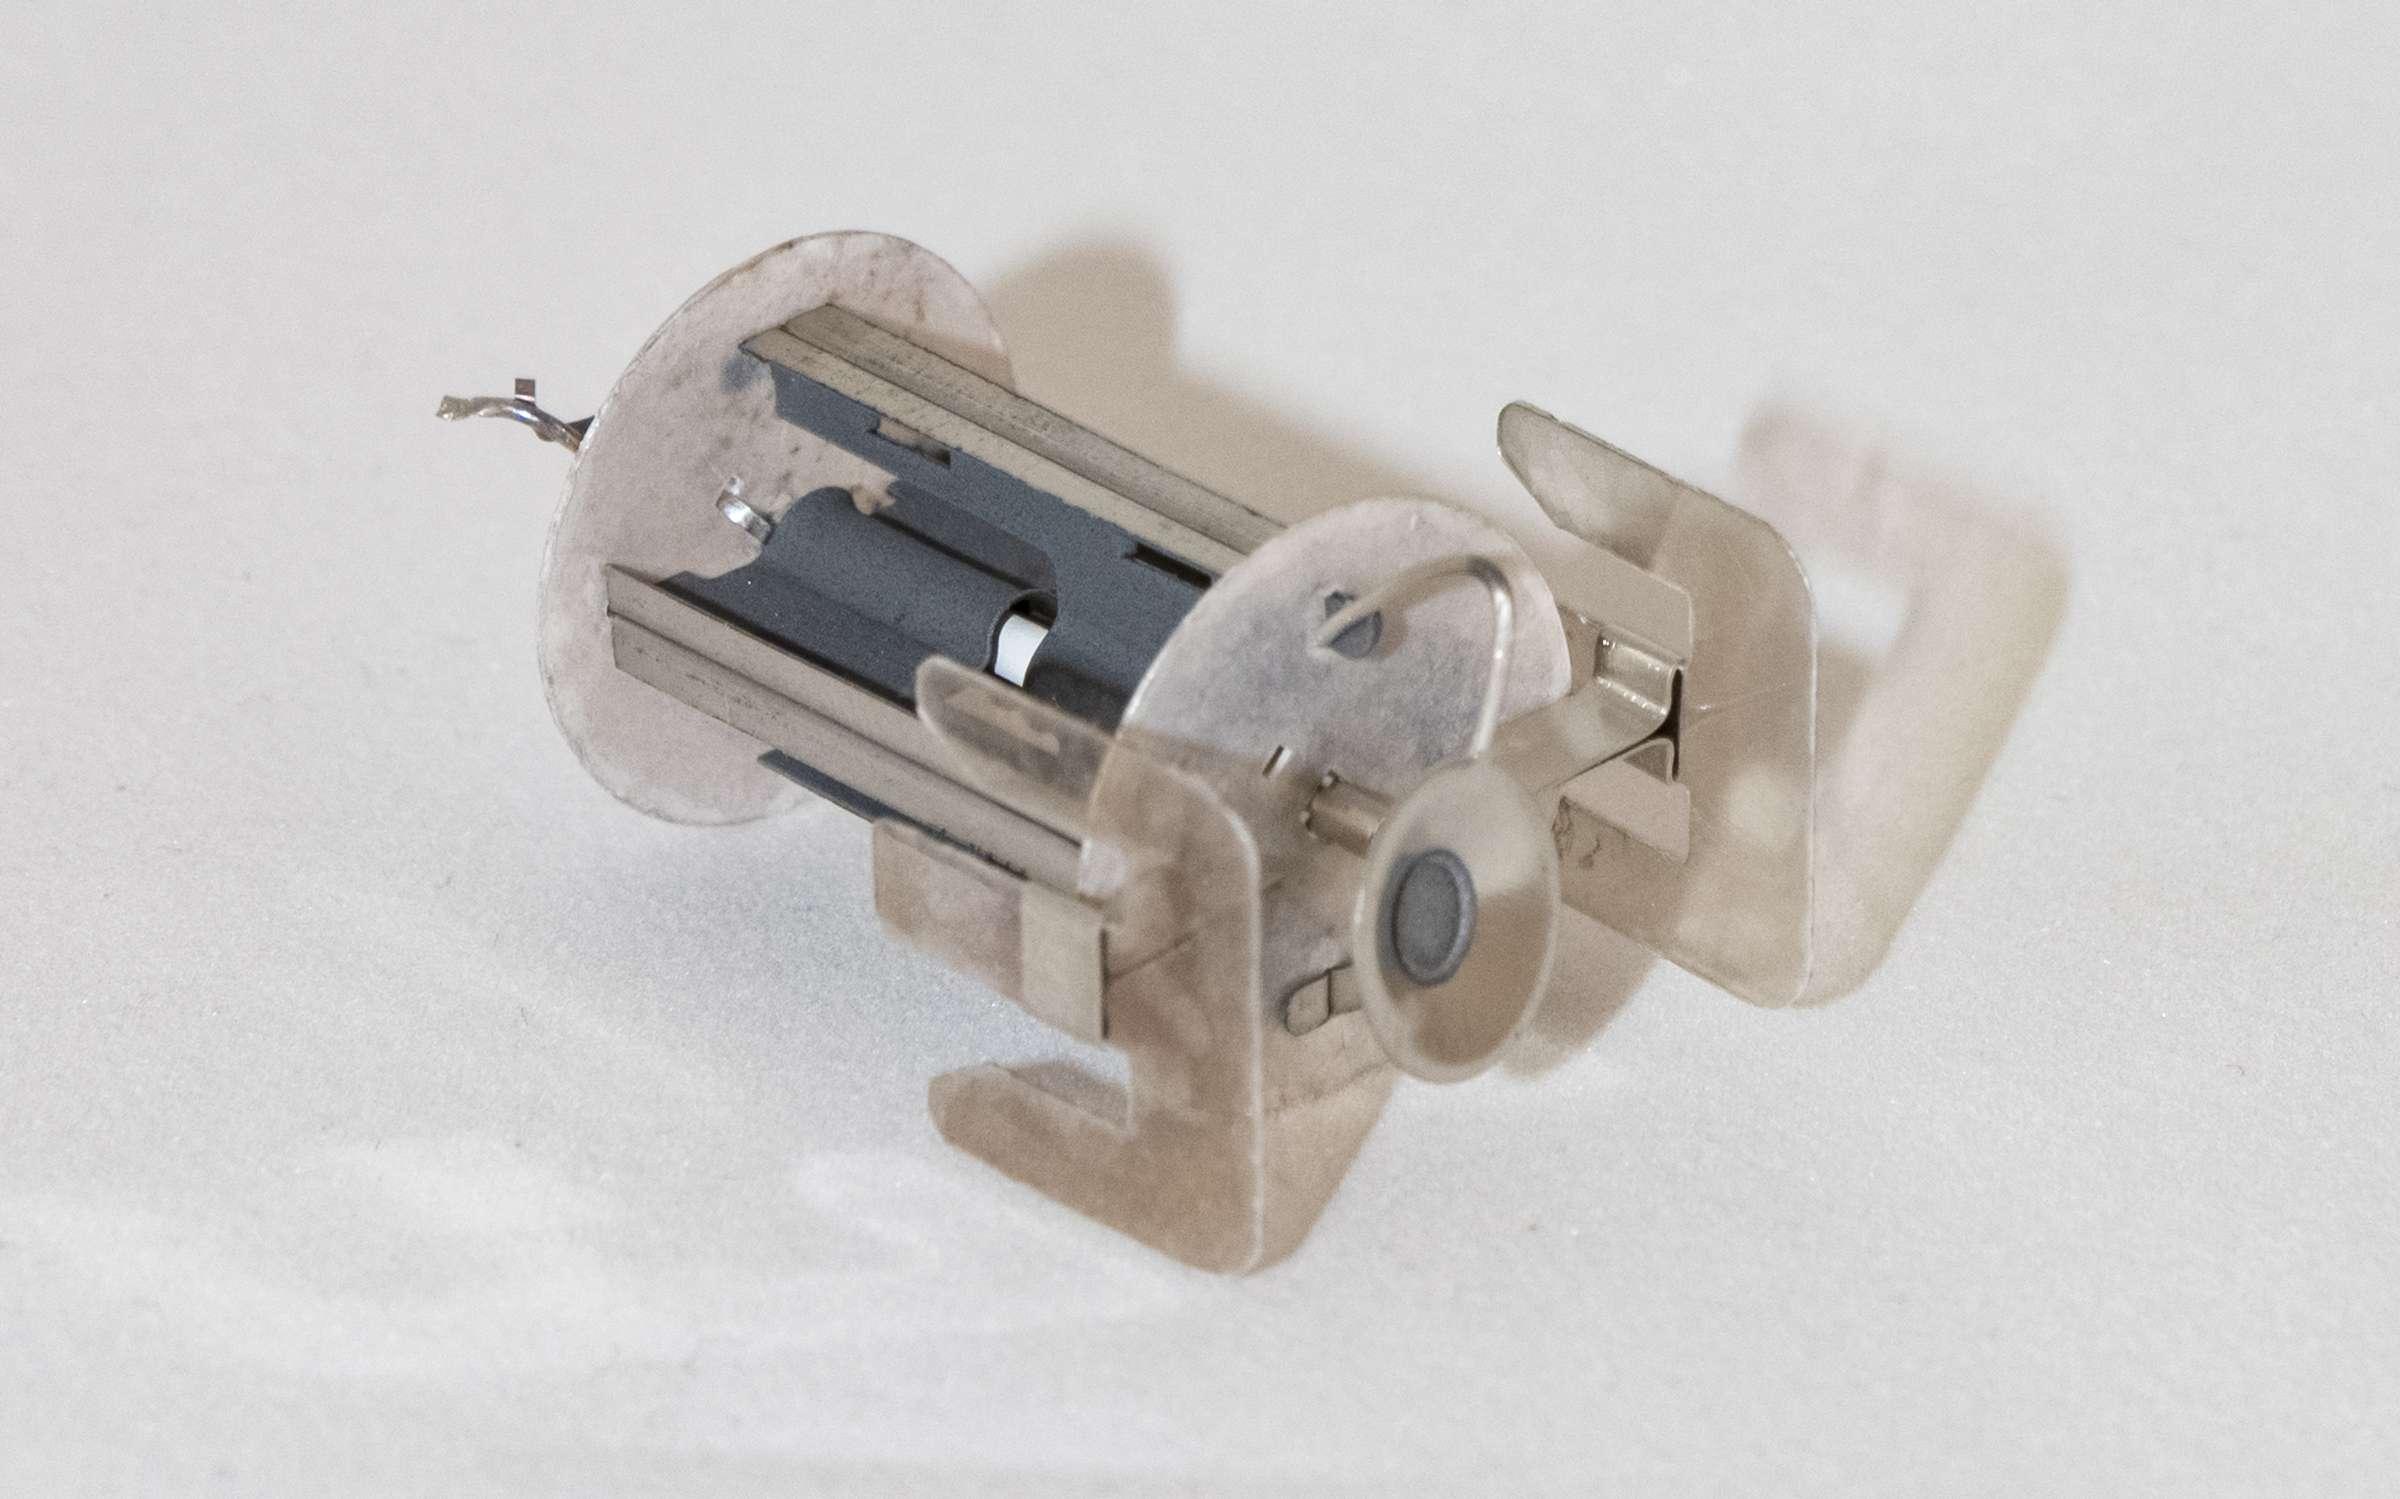 Внутреннее устройство радиолампы 6Ц5С